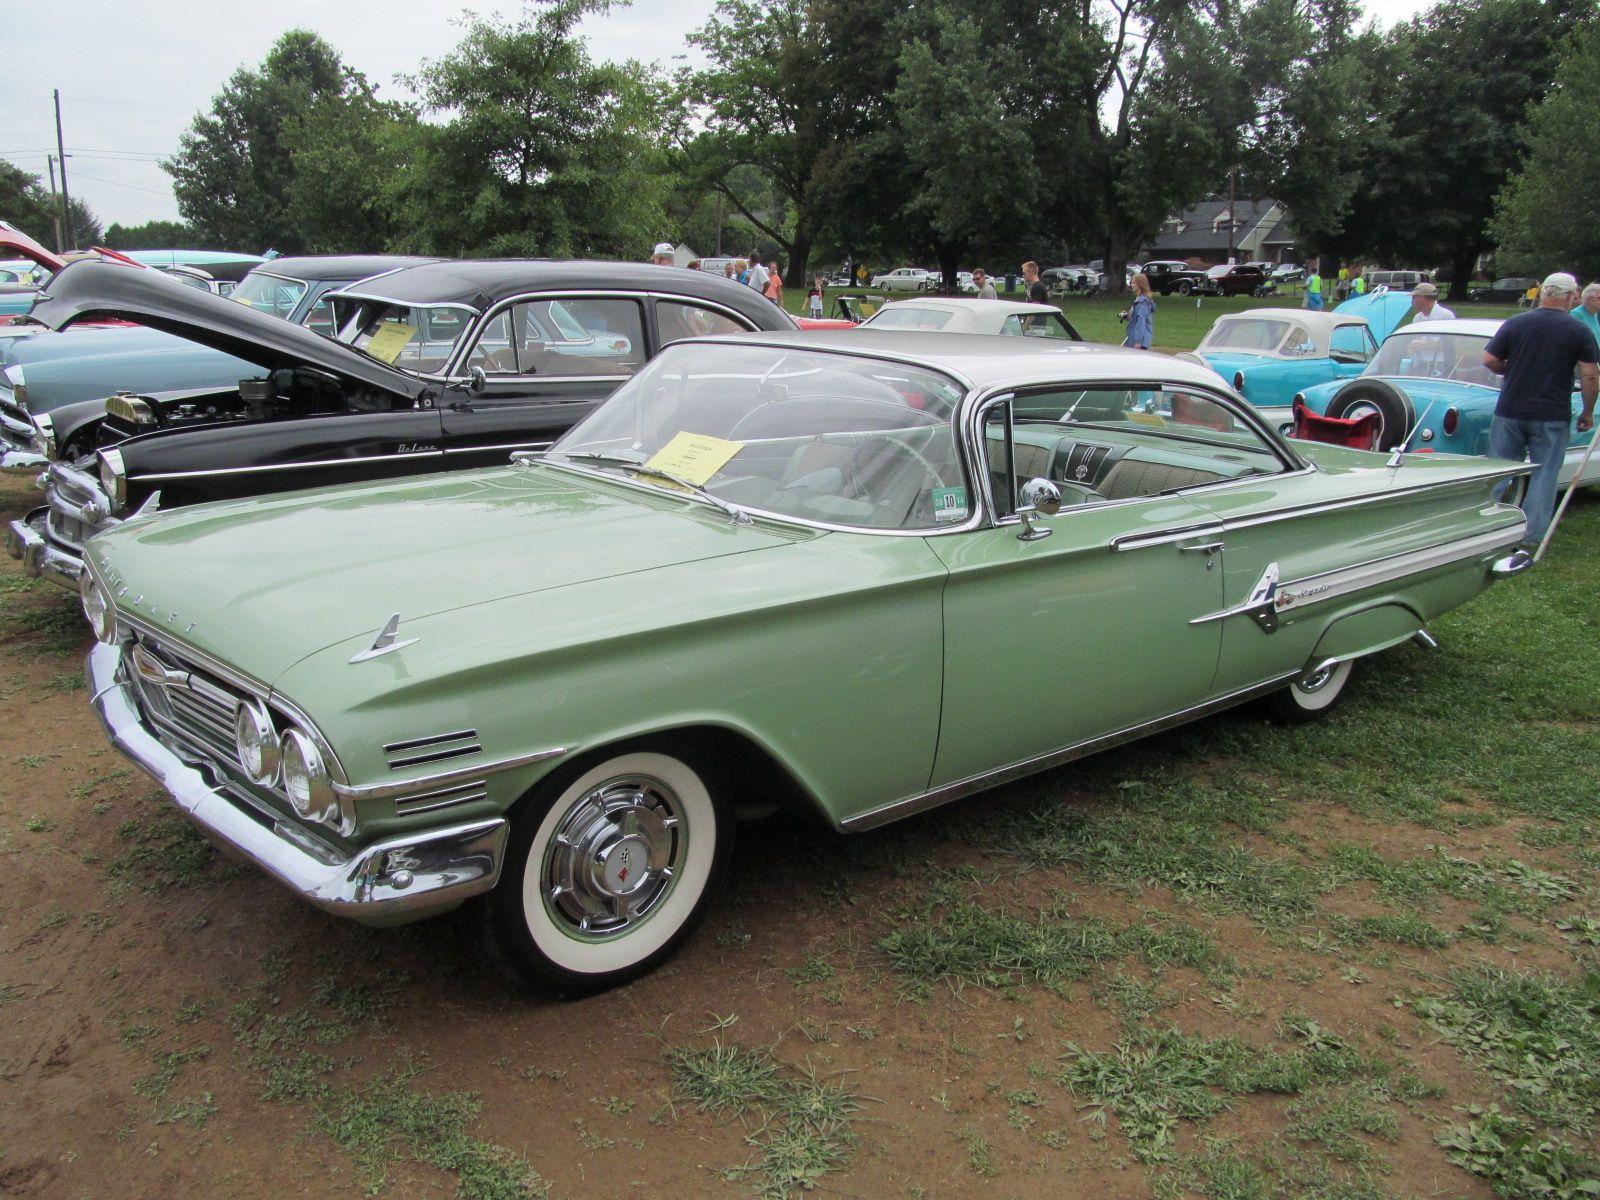 60 Chevy Impala Chevrolet Impala 58 59 60 Pinterest Chevy